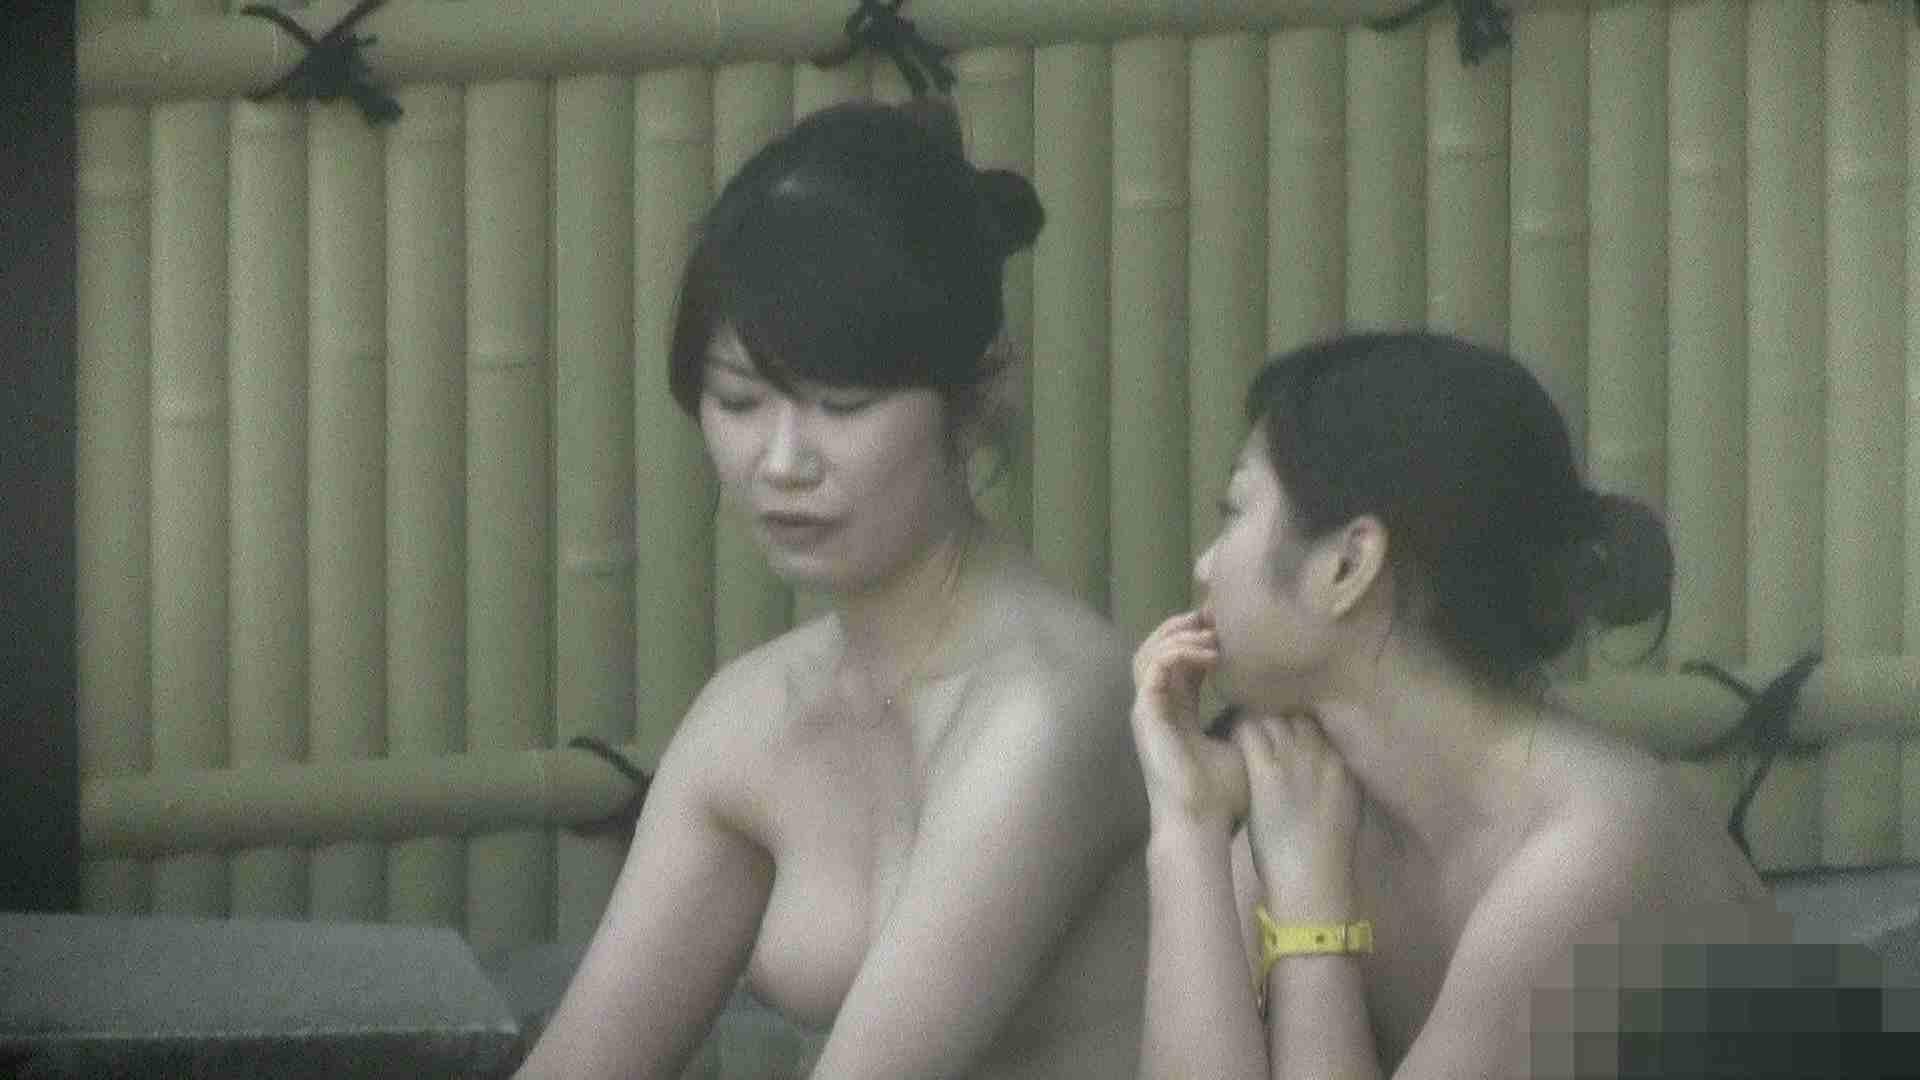 Aquaな露天風呂Vol.206 OLのエロ生活  87連発 63